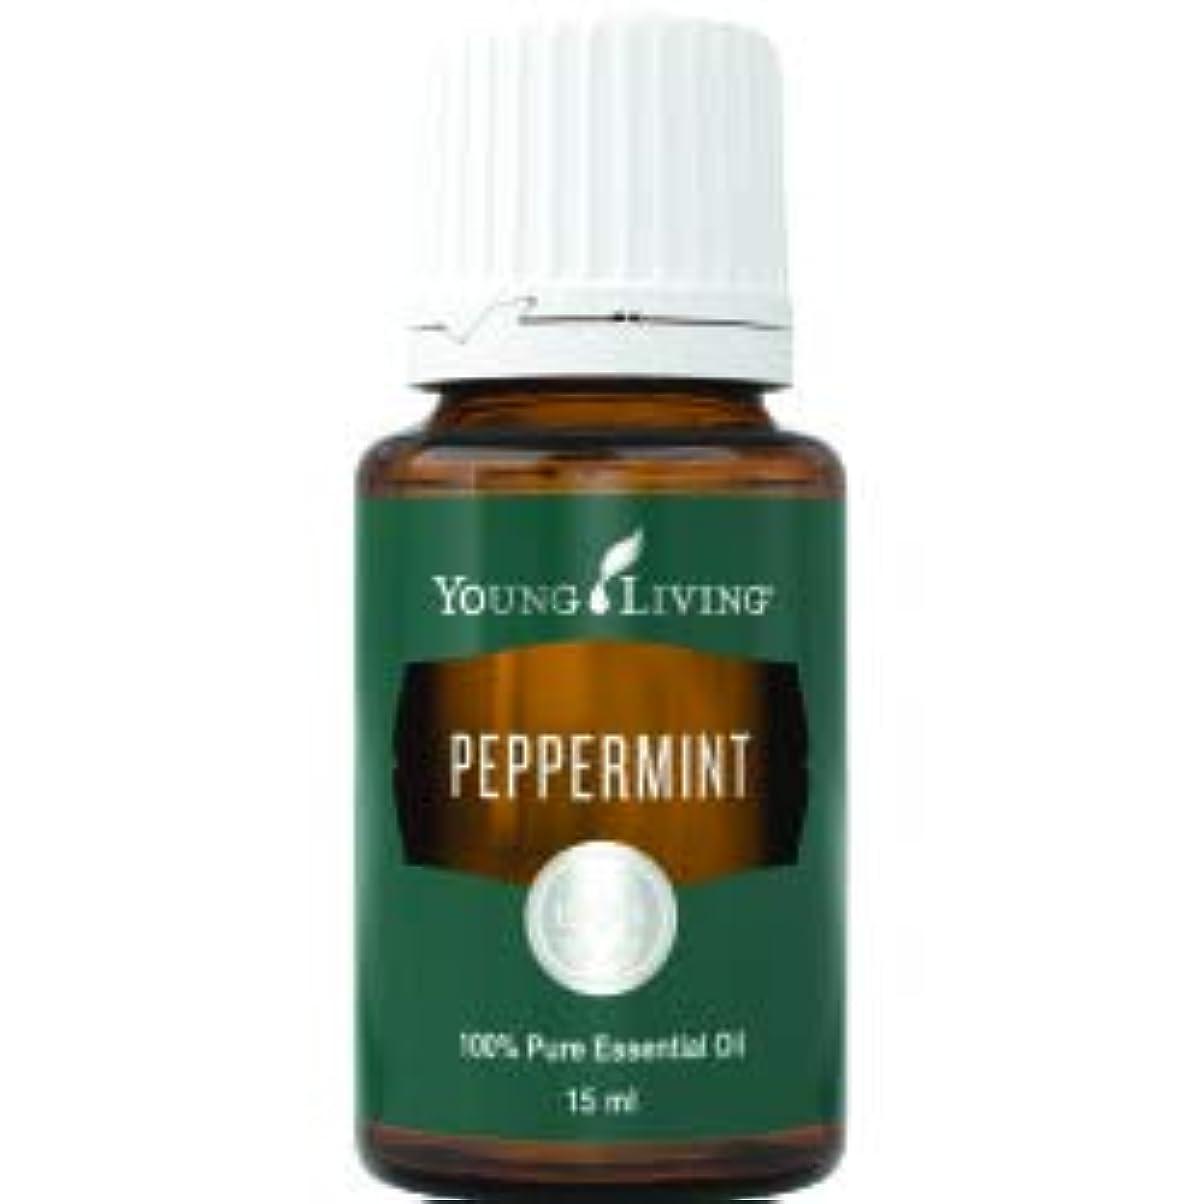 汚れた天気贅沢ペパーミントエッセンシャルオイル15ml by Young Livingエッセンシャルオイルマレーシア Peppermint Essential Oil 15ml by Young Living Essential Oil Malaysia